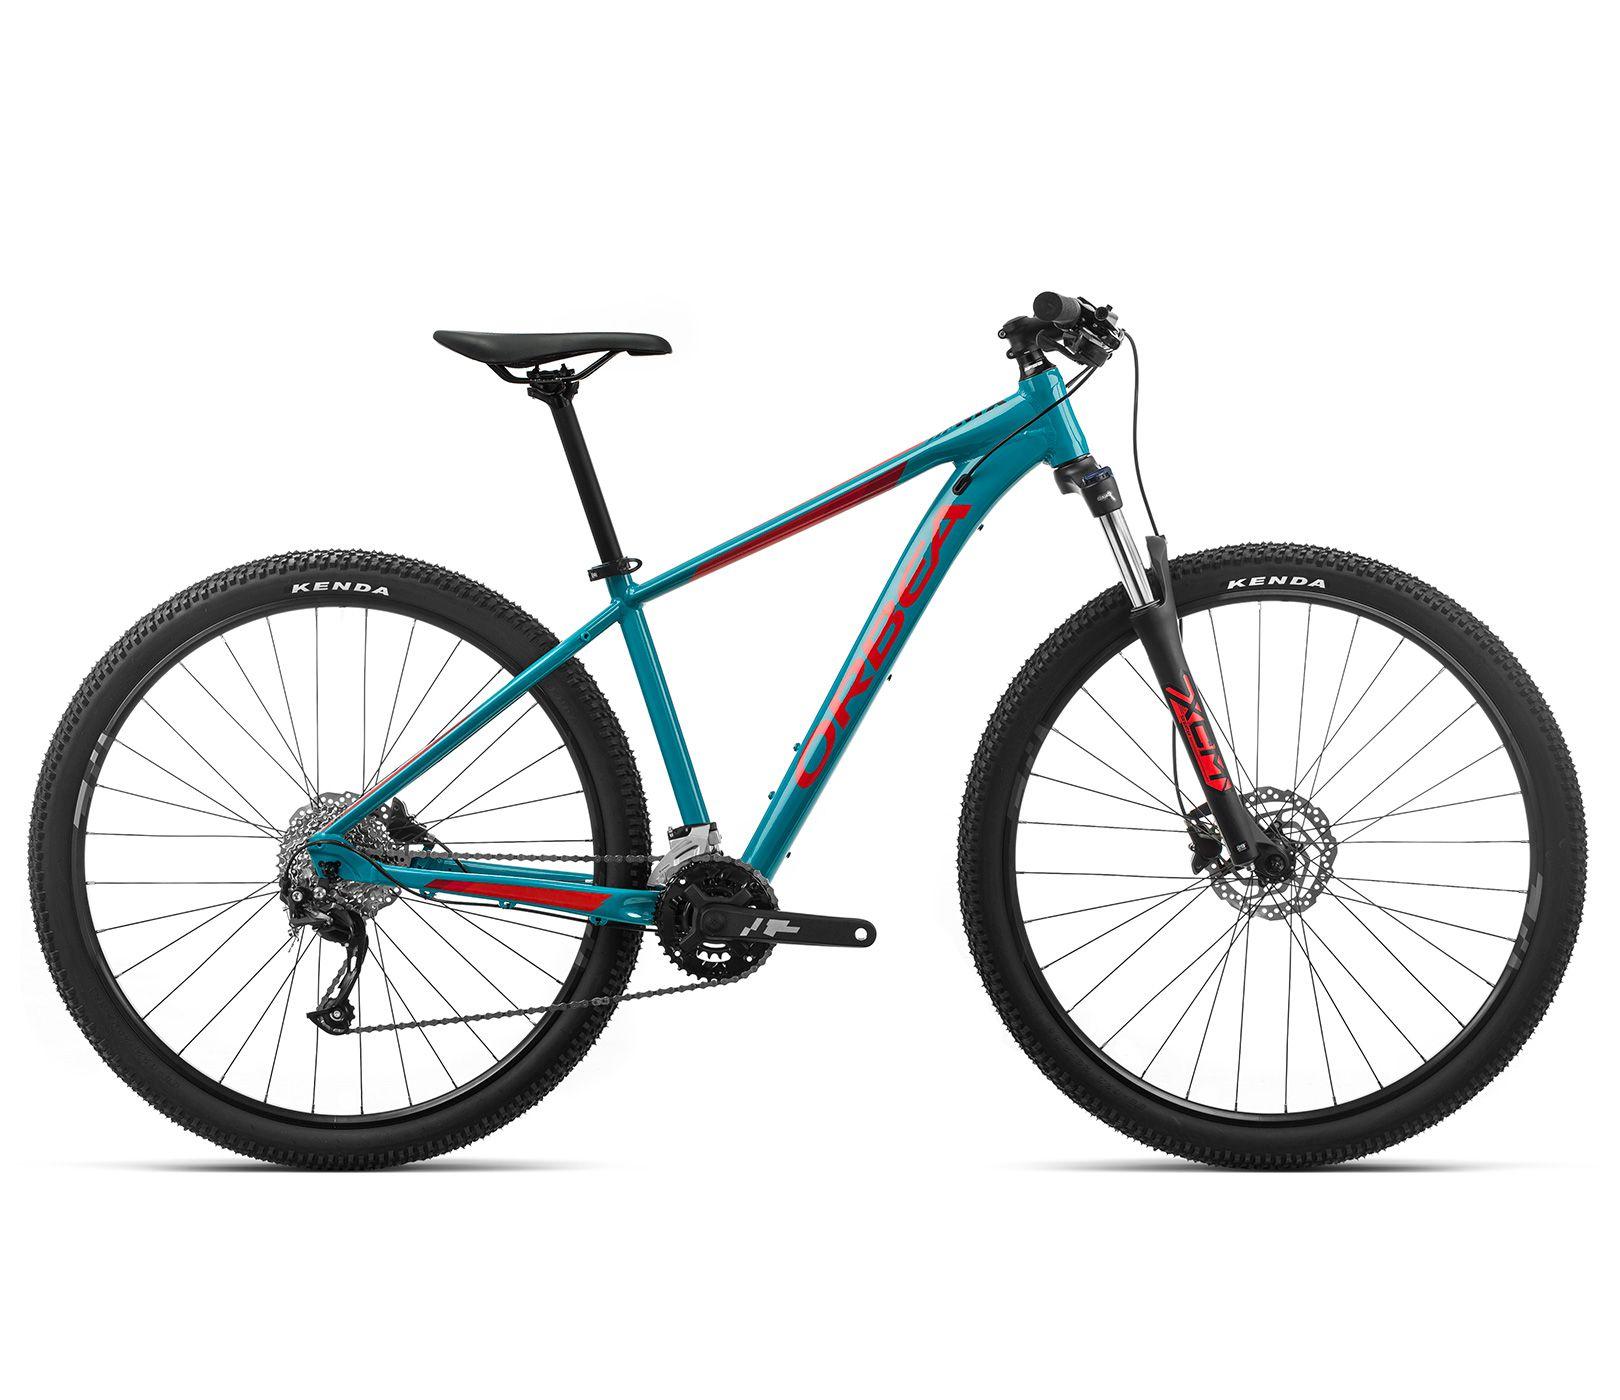 Bicicleta MTB Orbea MX 29 40 - Tam M - Azul/Vermelha 2020